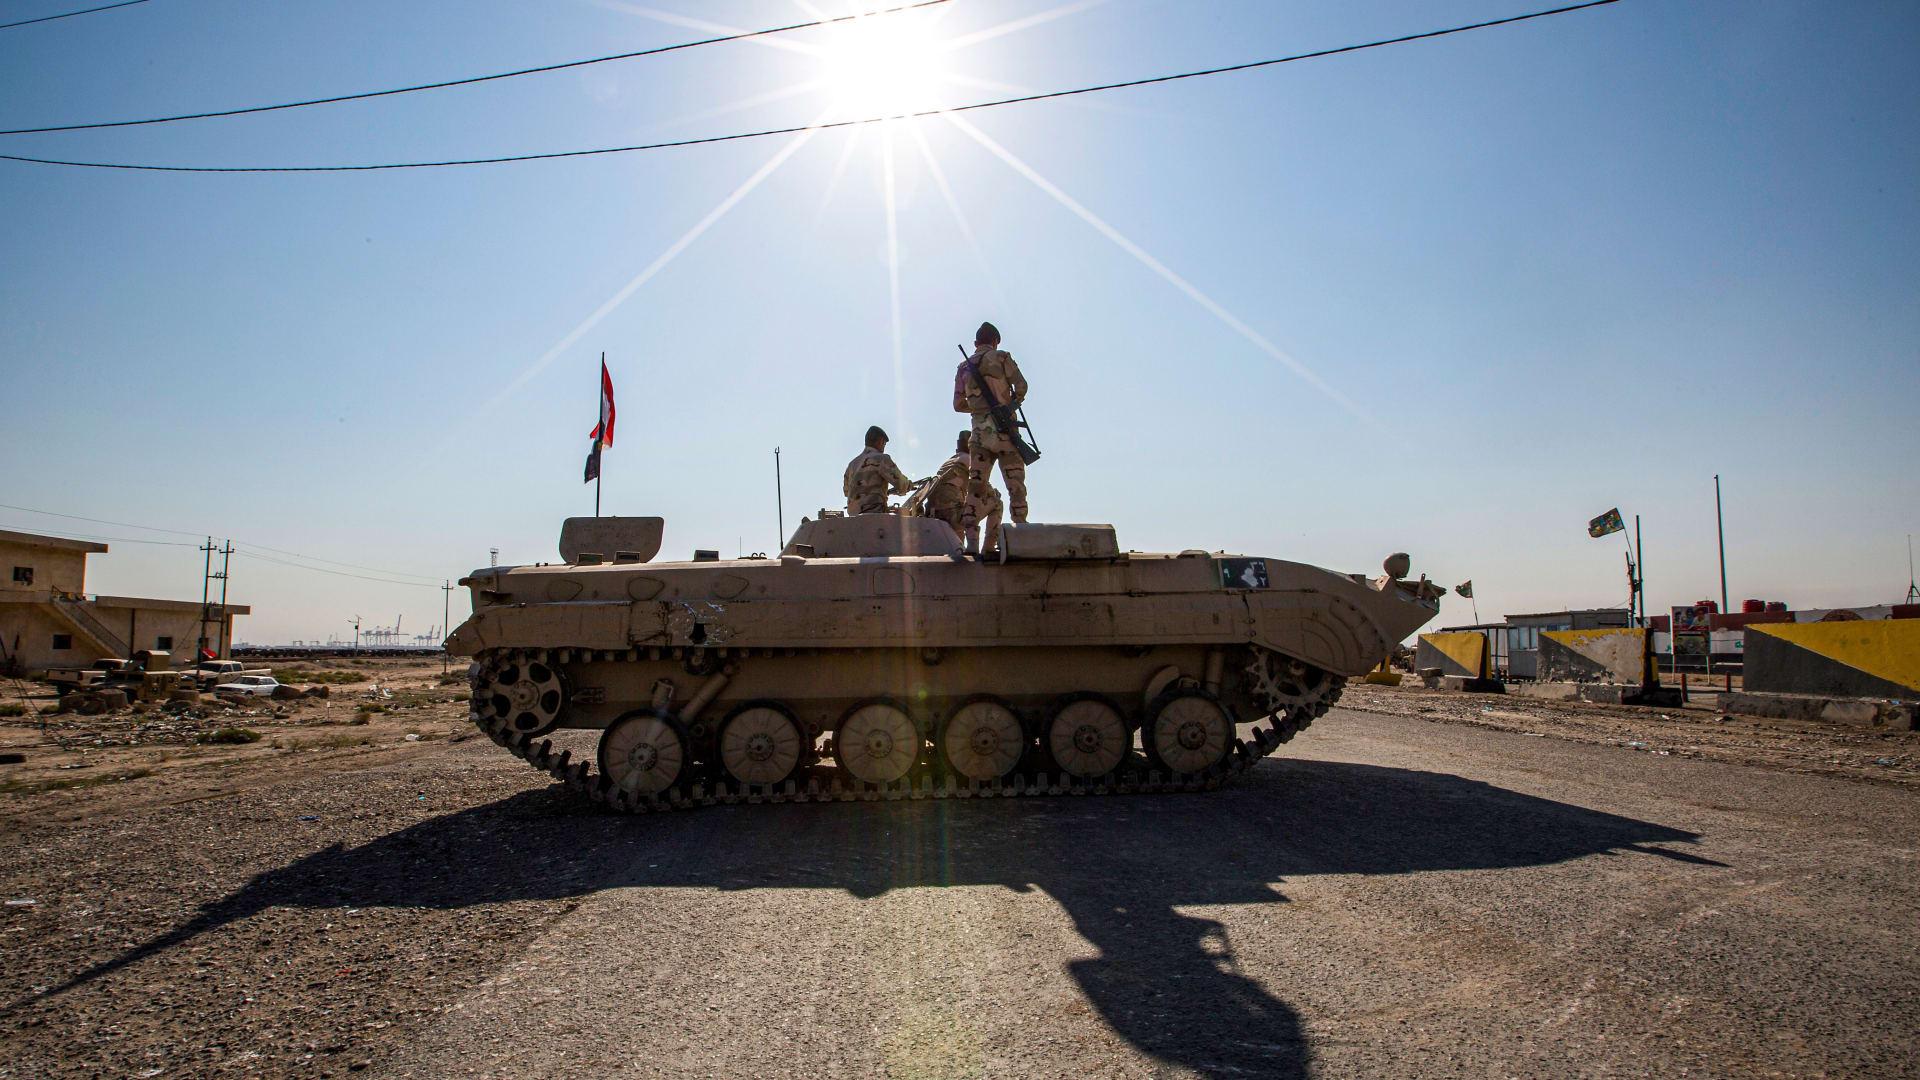 """الجيش العراقي يكشف آلية خروج القوات الأجنبية من البلاد بعد """"الانحراف الأخير"""""""